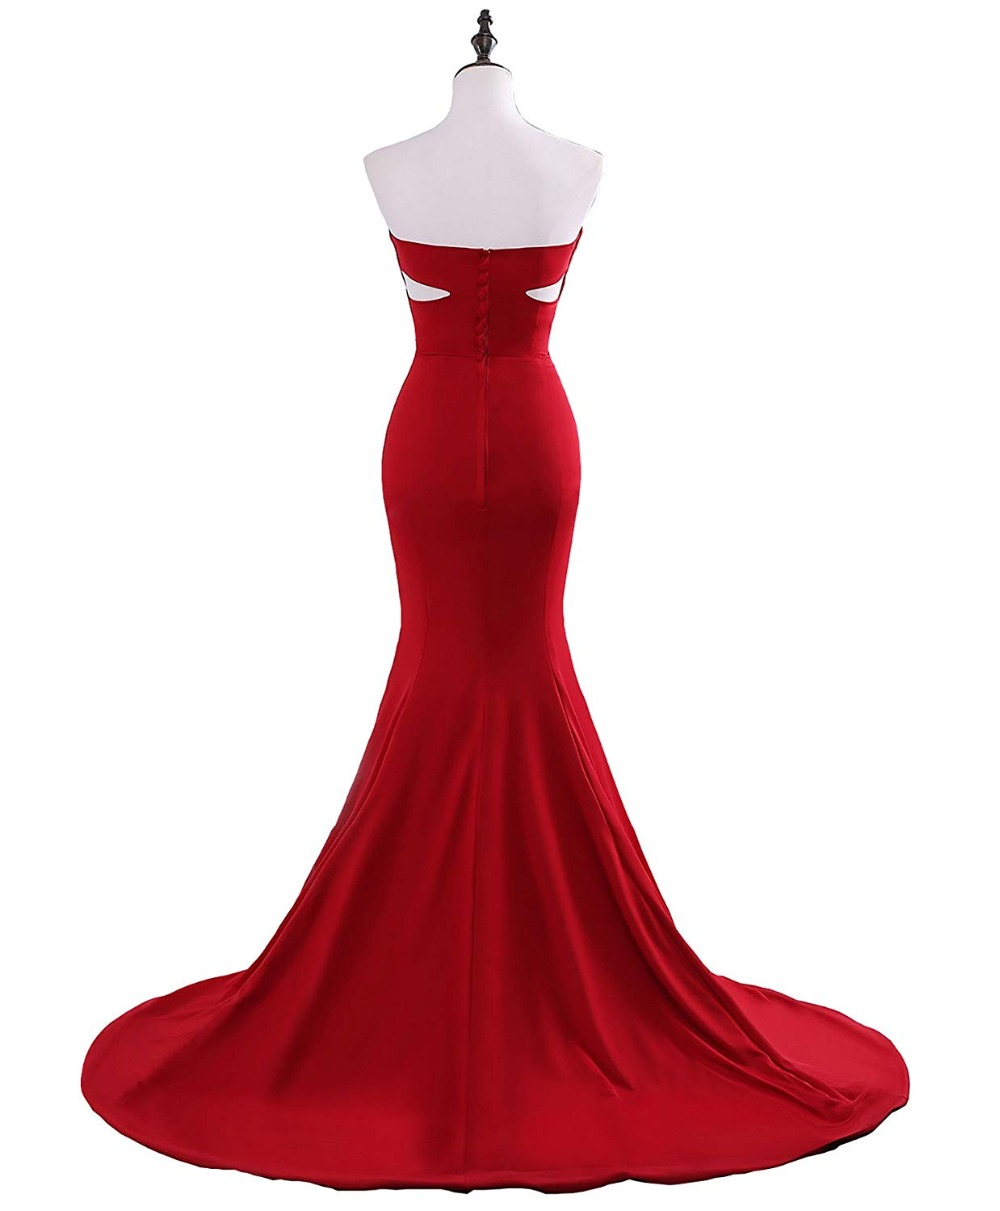 JaneVini Arabisch Red Meerjungfrau Party Kleid 2018 Schatz Langes Ausschnitt Brautjungfer Kleider Sexy Dubai Damen Taste Formale Kleid - 4